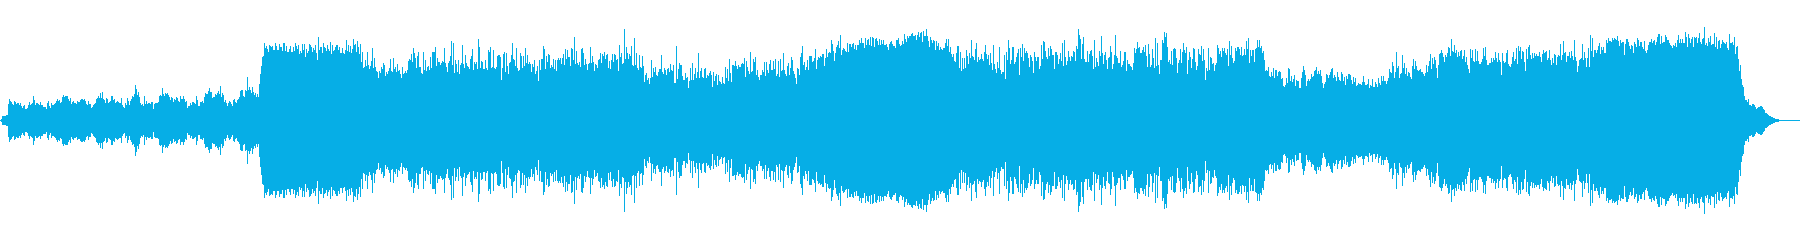 いくつかのムード/シーンの変化で構...の再生済みの波形